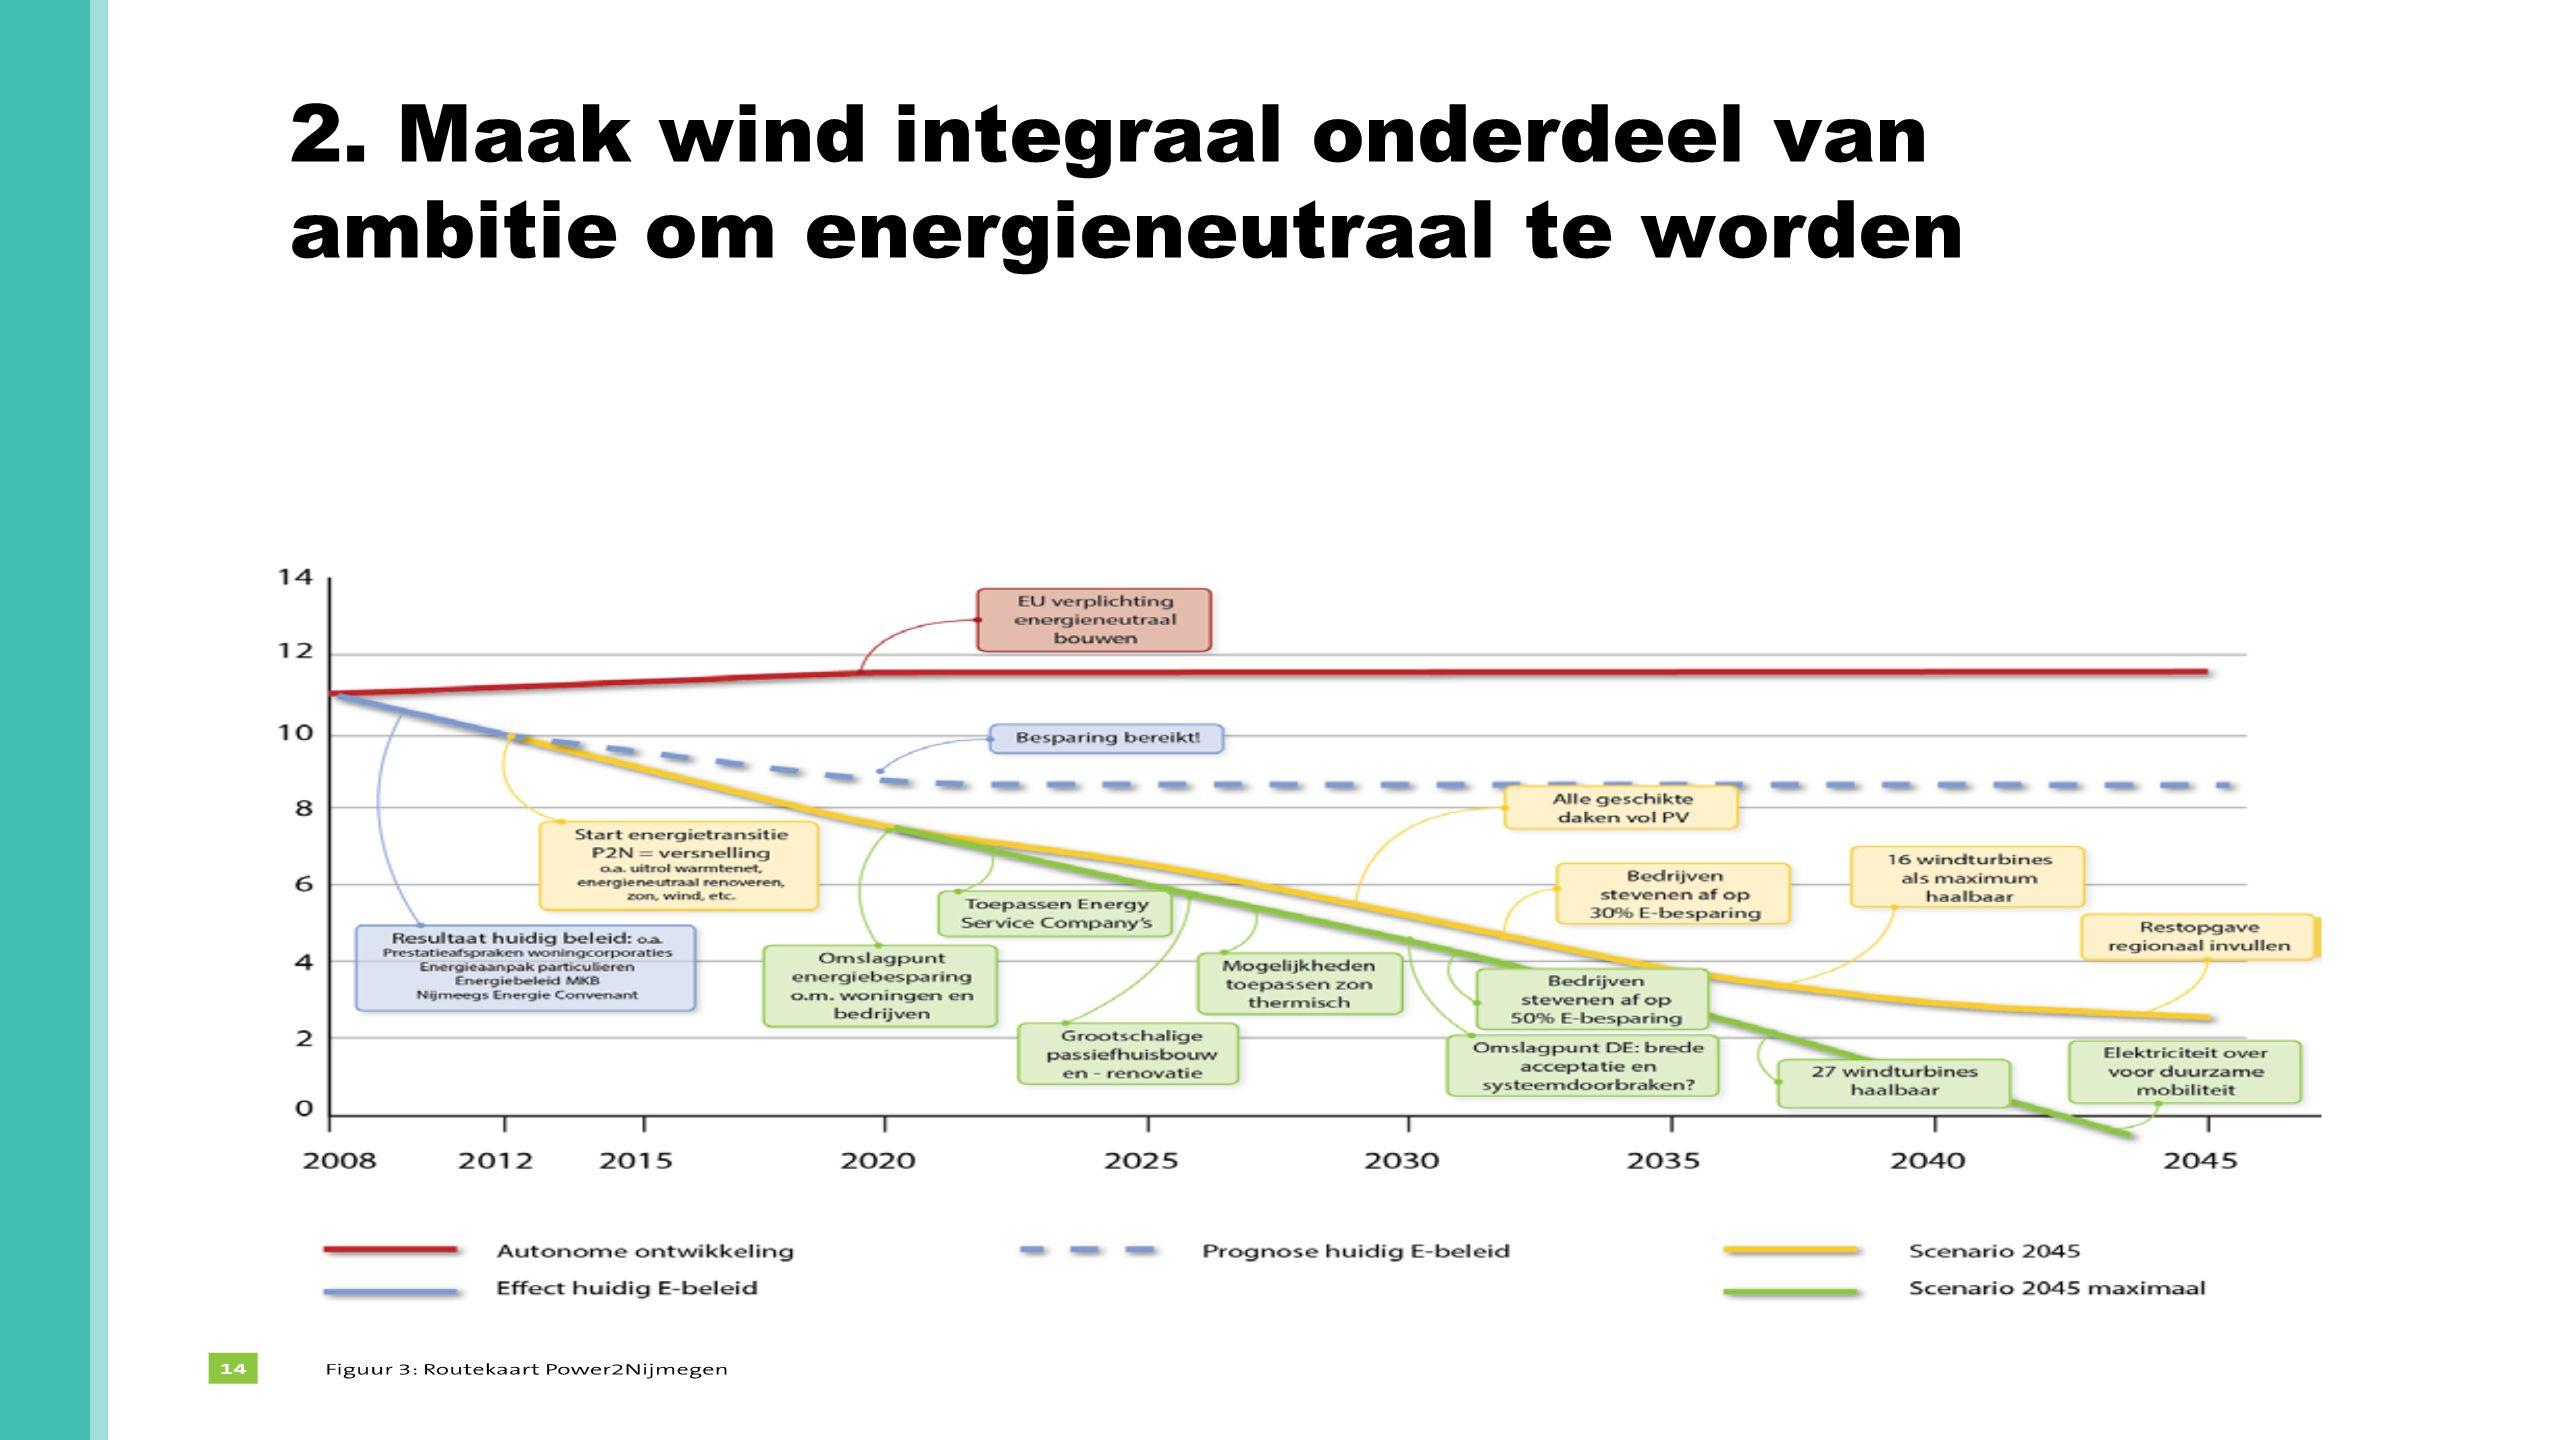 2. Maak wind integraal onderdeel van ambitie om energieneutraal te worden